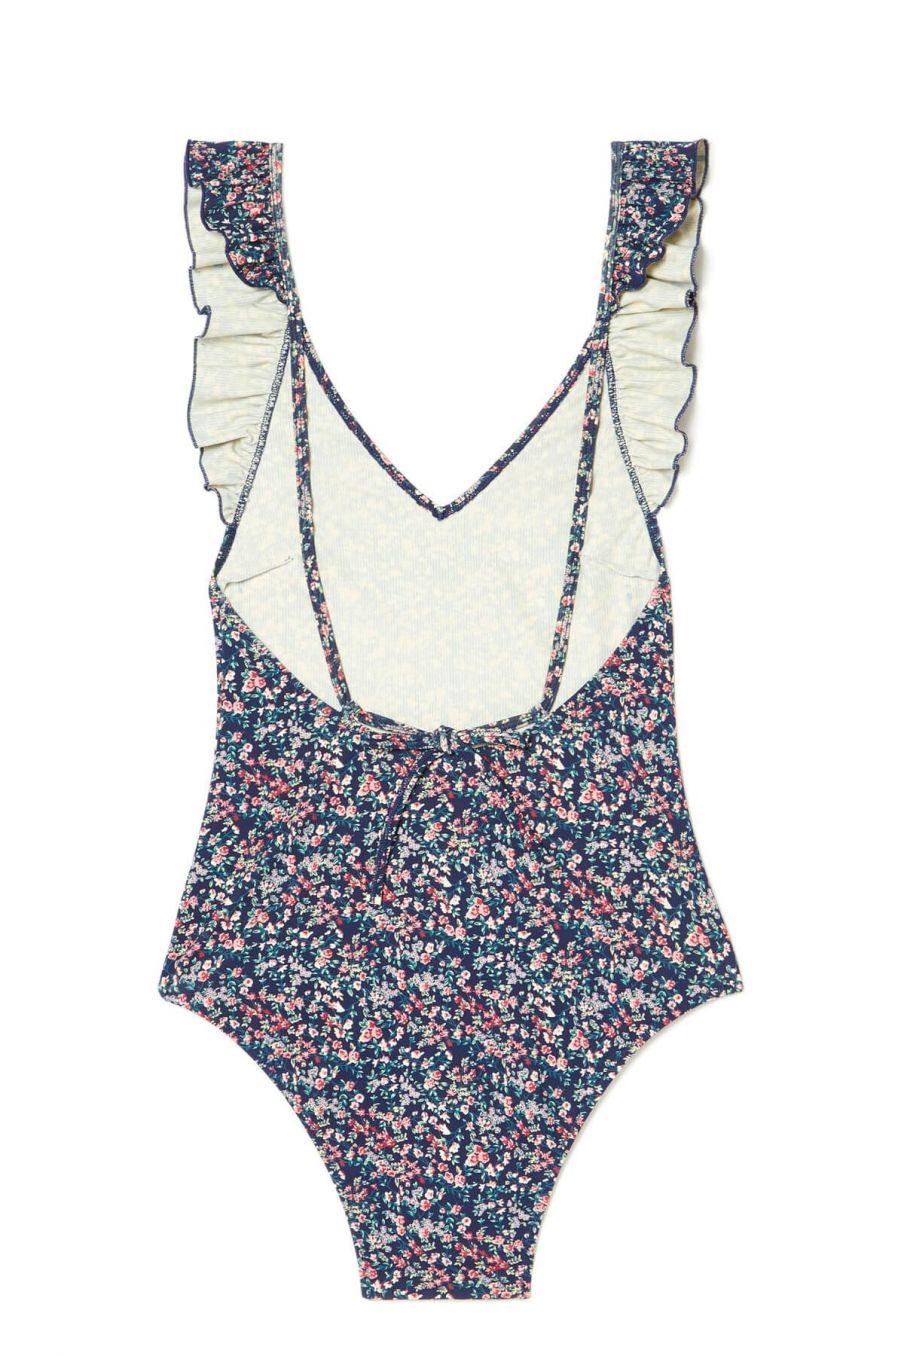 boheme chic vintage maillot de bain femme reva storm spring flowers